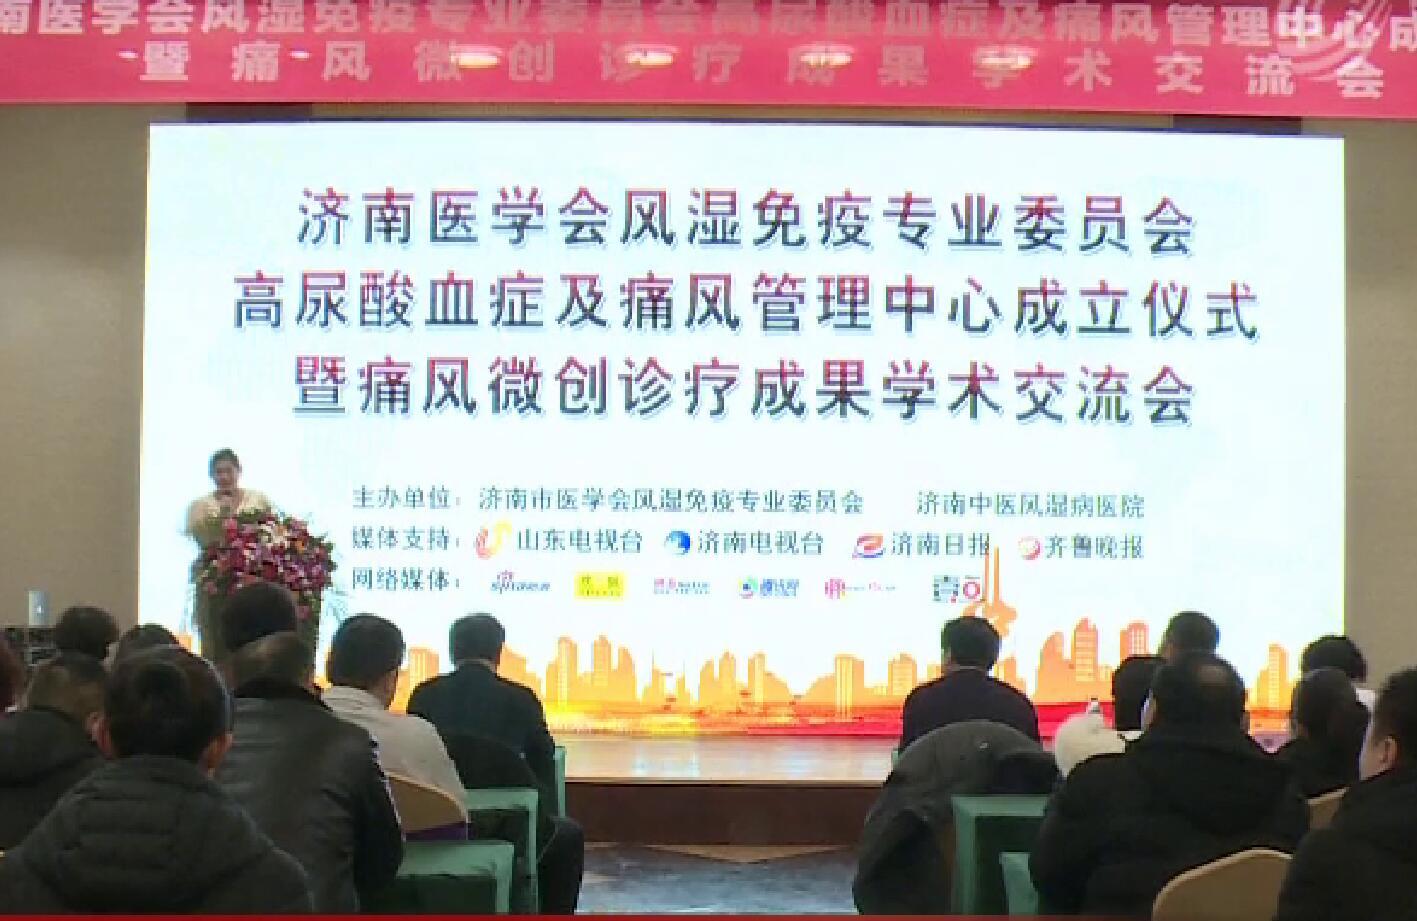 痛风微创诊疗成果学术交流会在济南举行